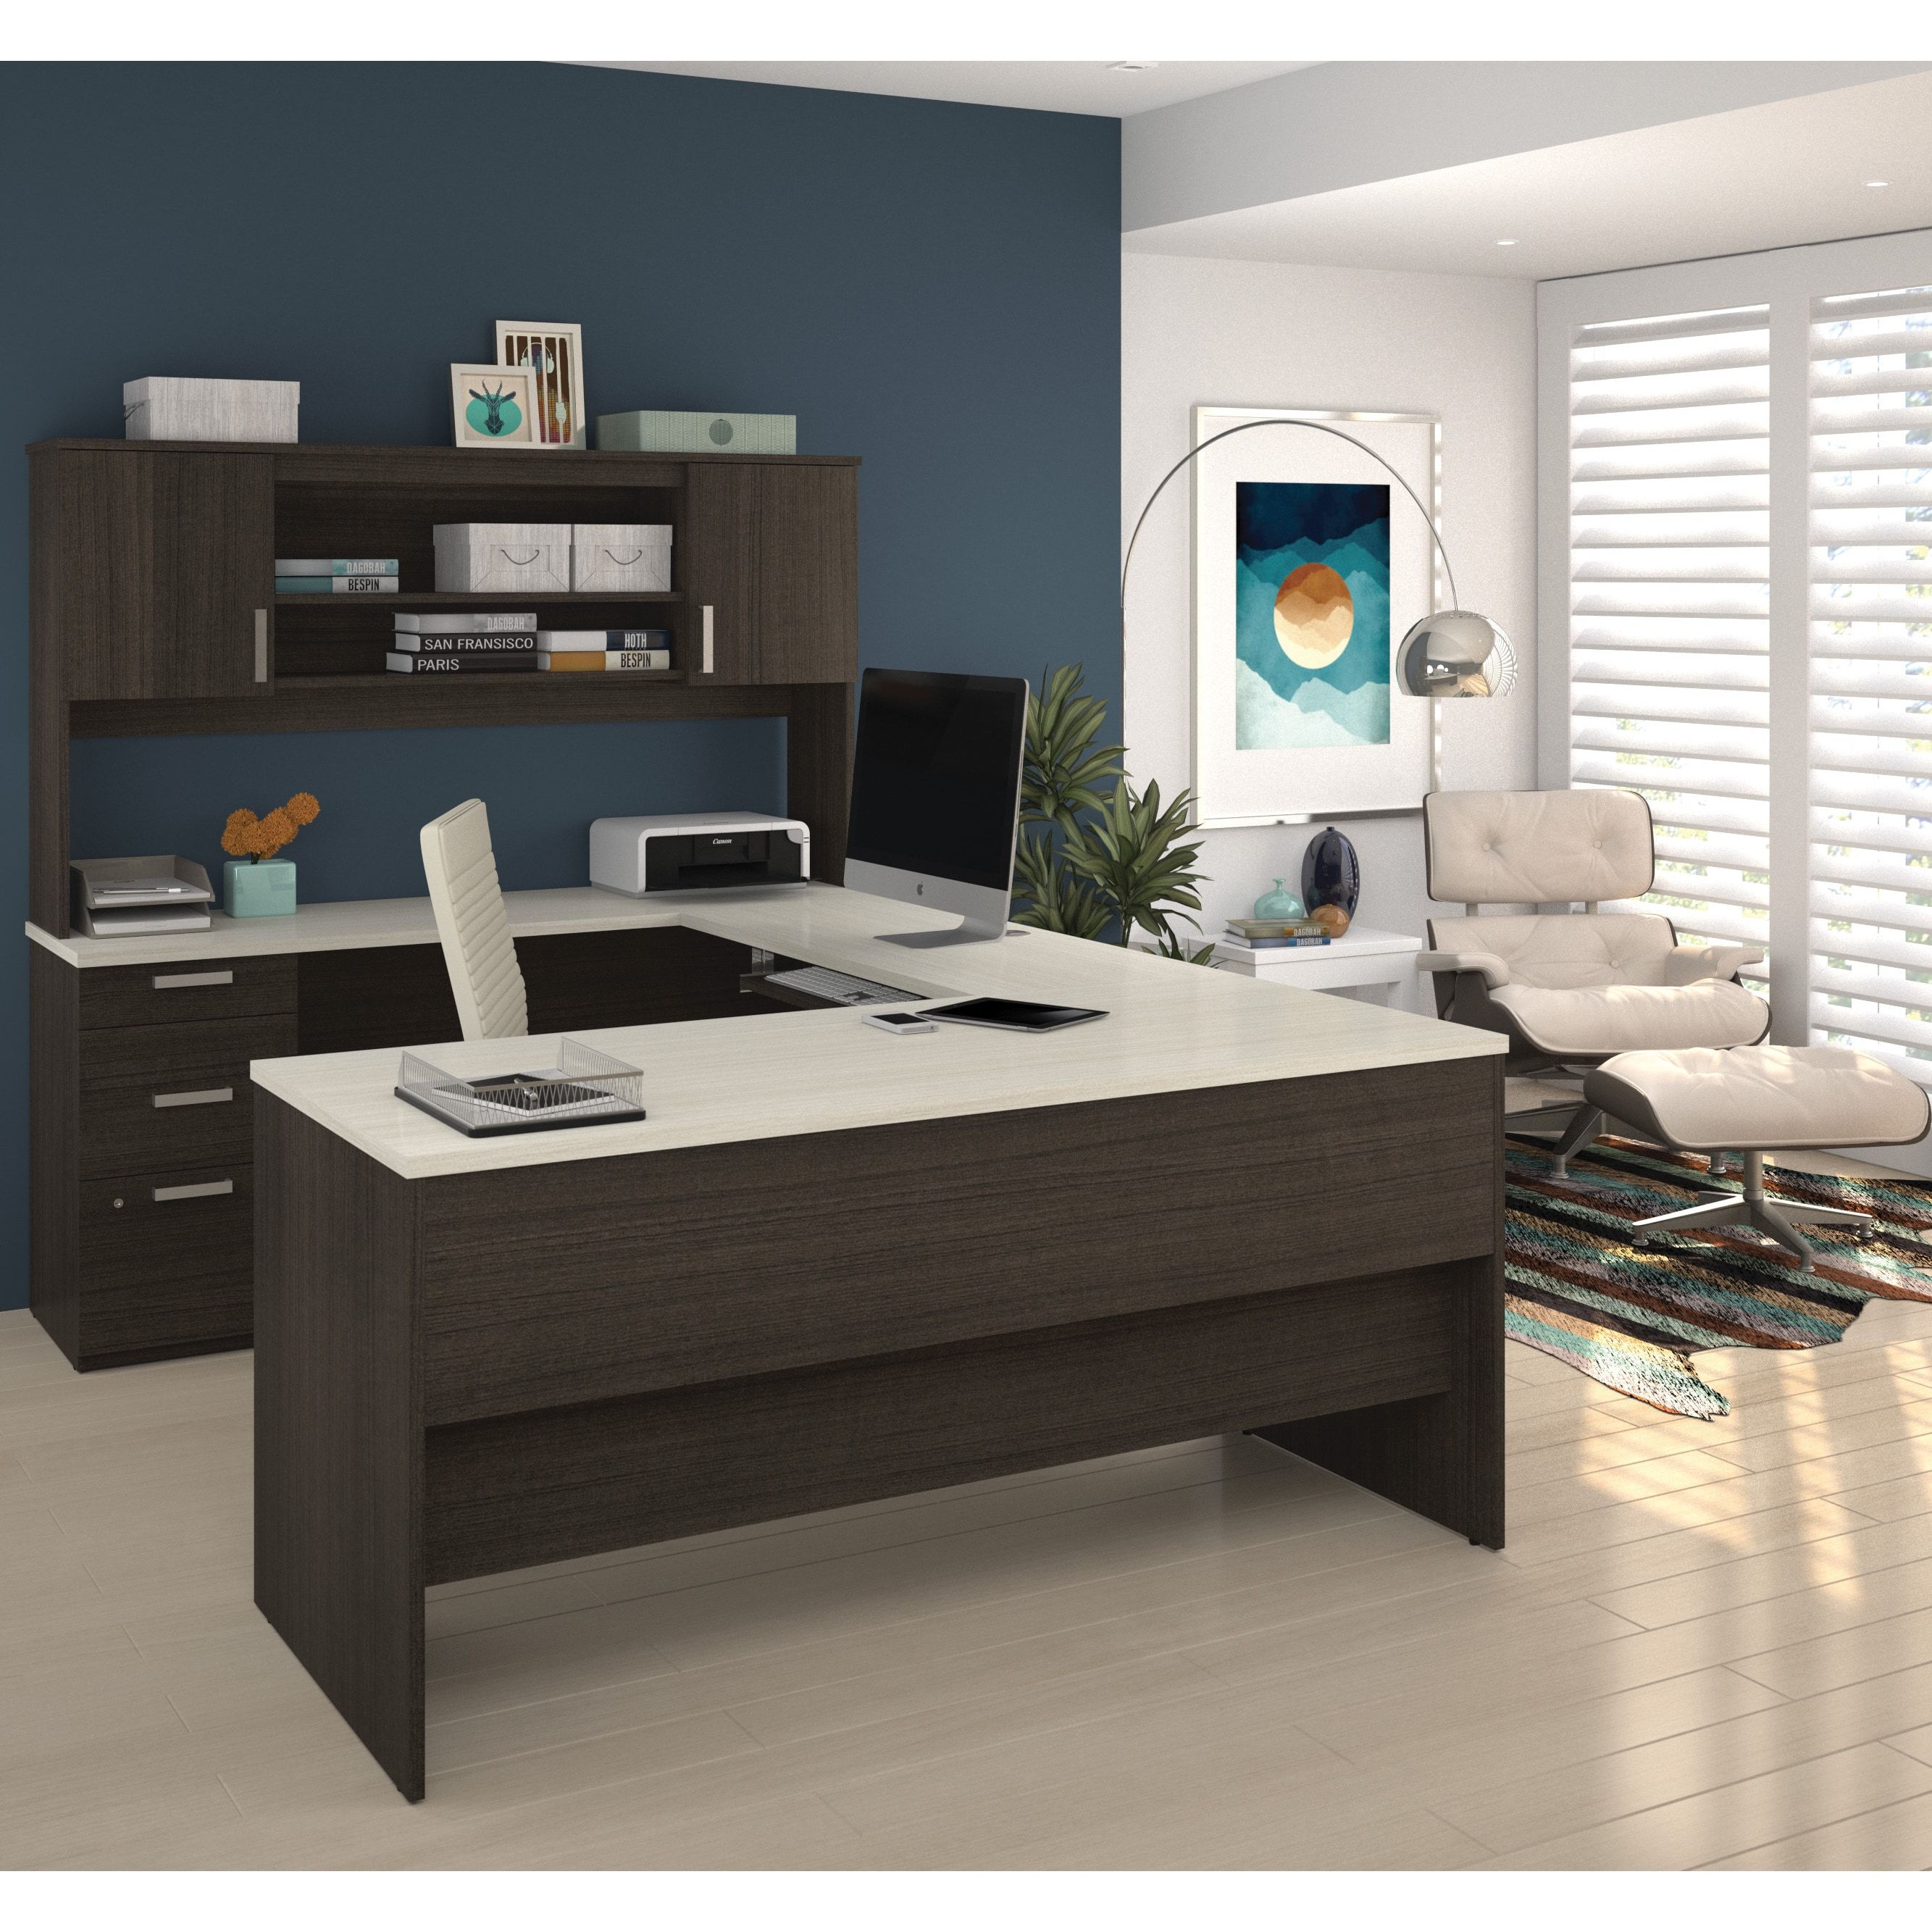 office desk bed. Office Desk Bed. Bestar Ridgeley U-shaped Bed I D